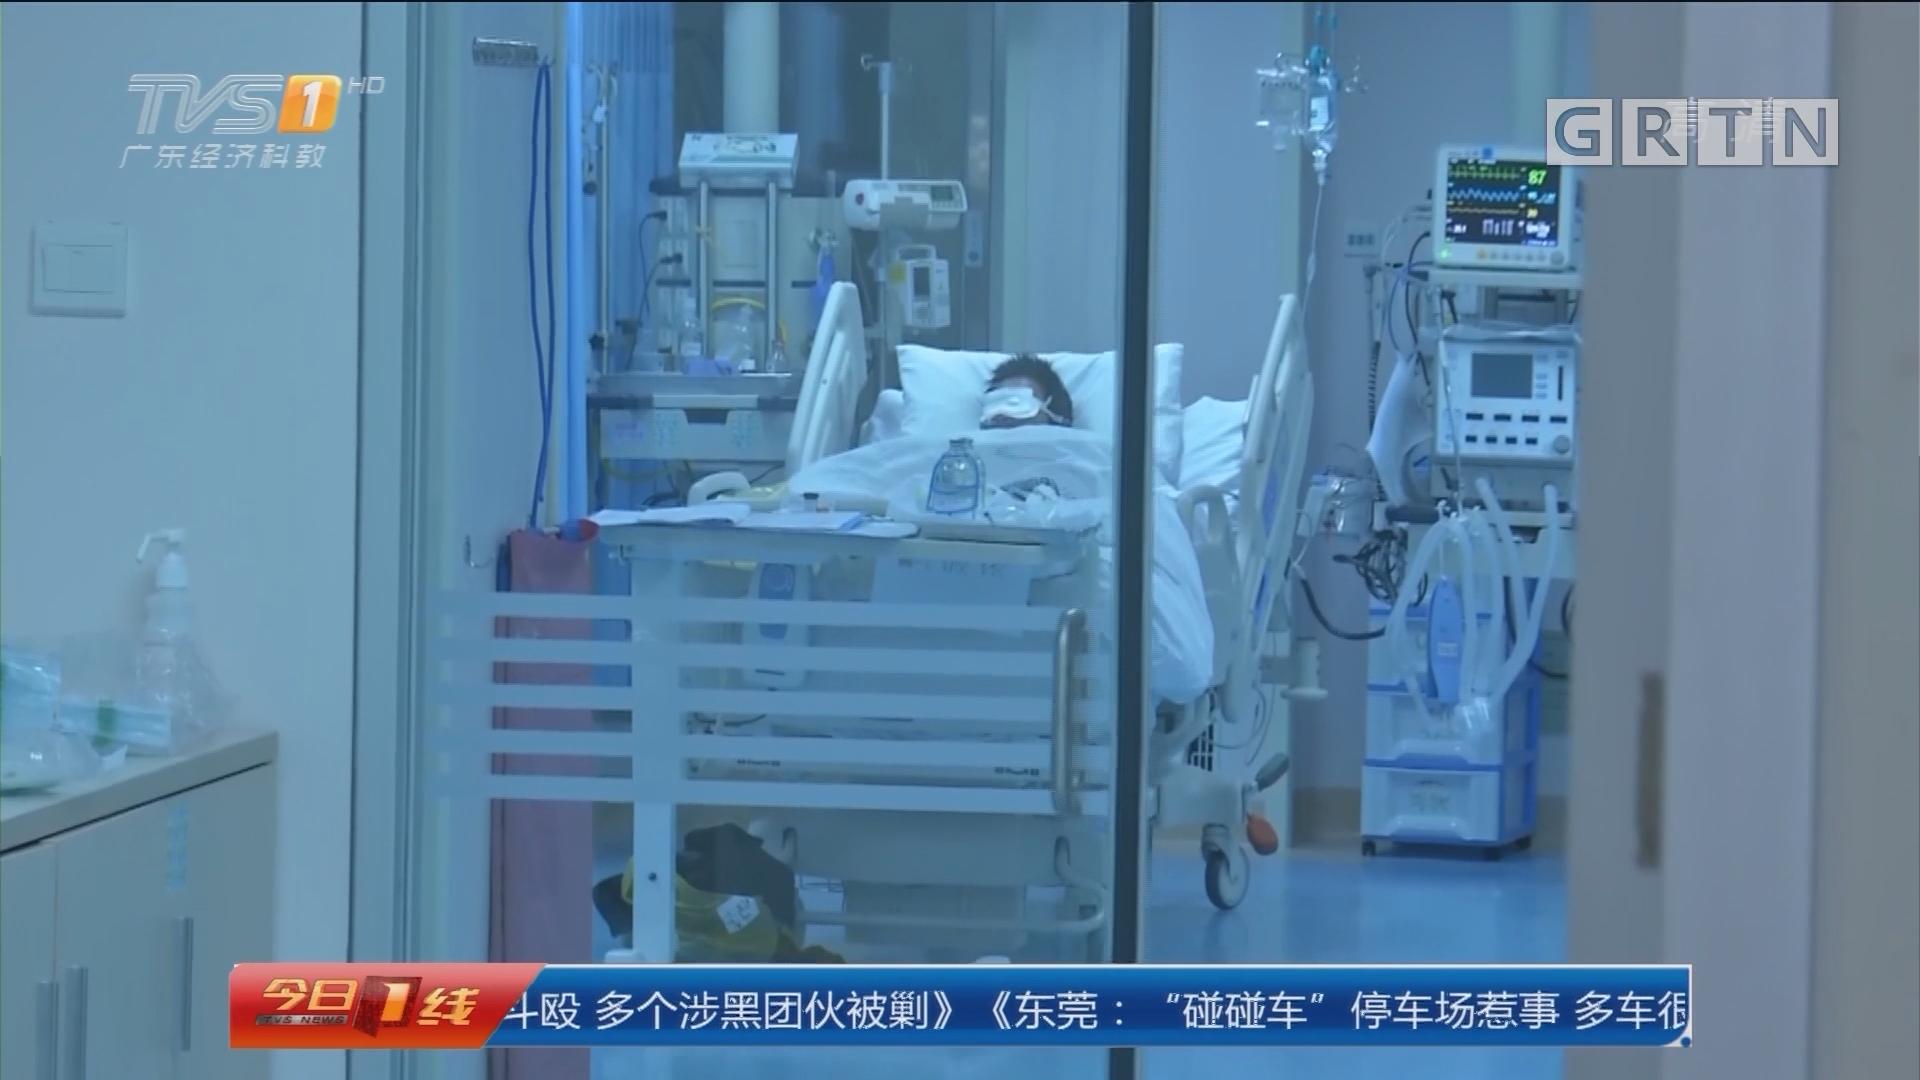 今夜最新:广州南沙区第一人民医院 海事局:船体疑倒扣船底留有空气